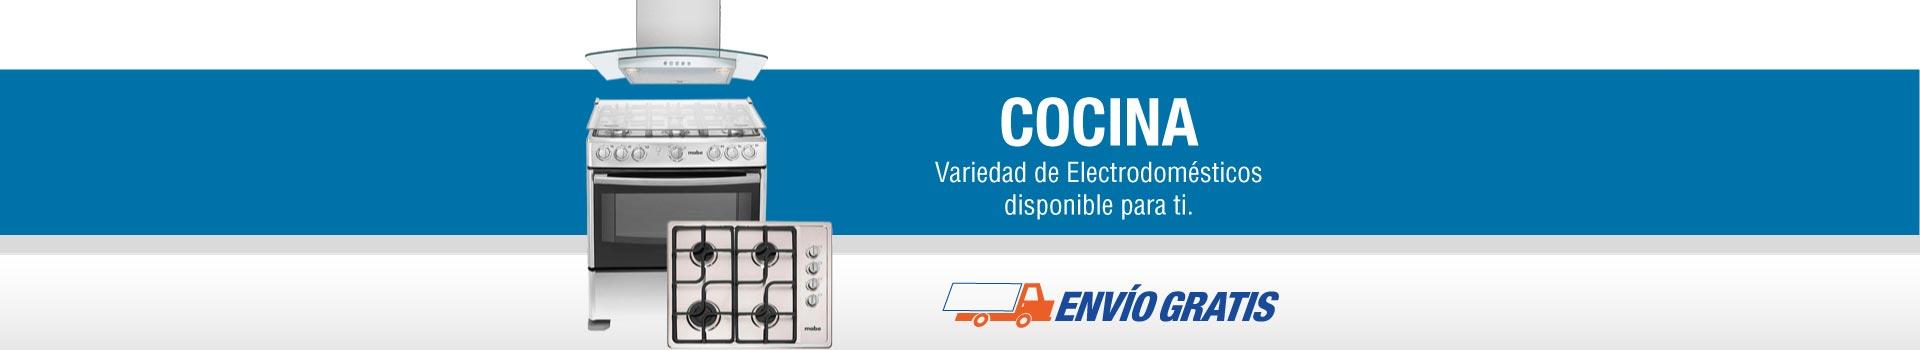 Cocina: variedad de electrodomésticos disponibles para ti.